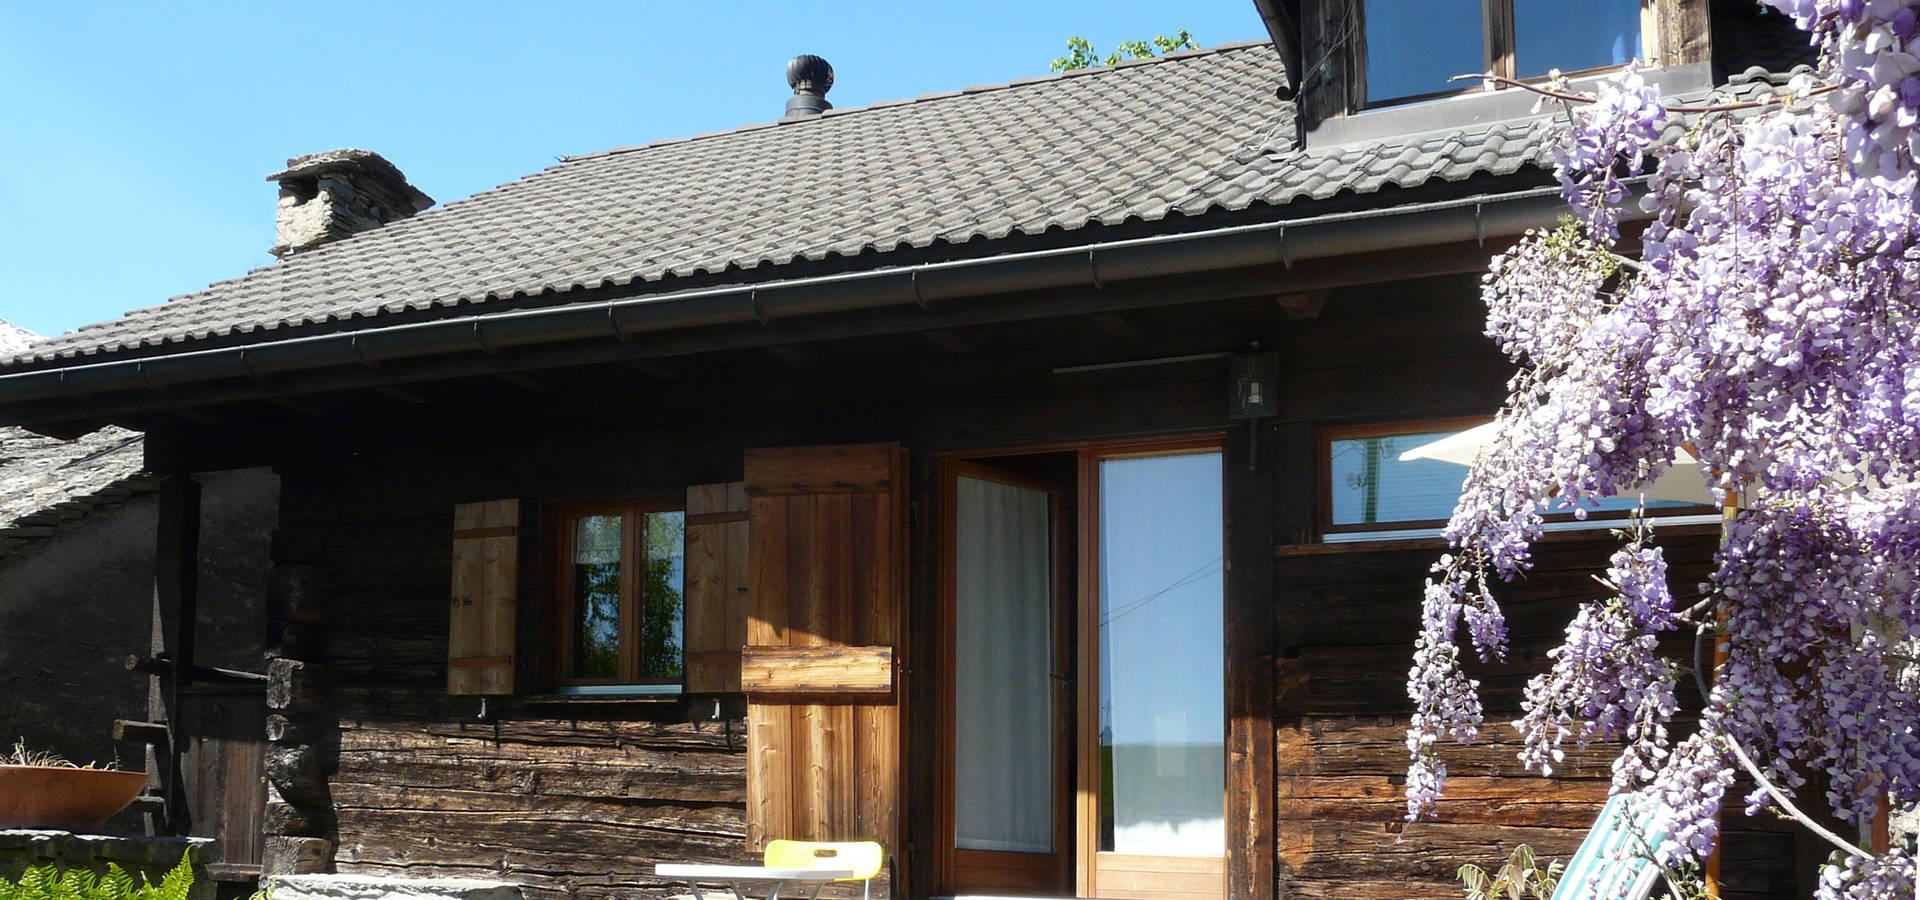 Ristrutturazione appartamento con terrazza a milano by for Interni architettura